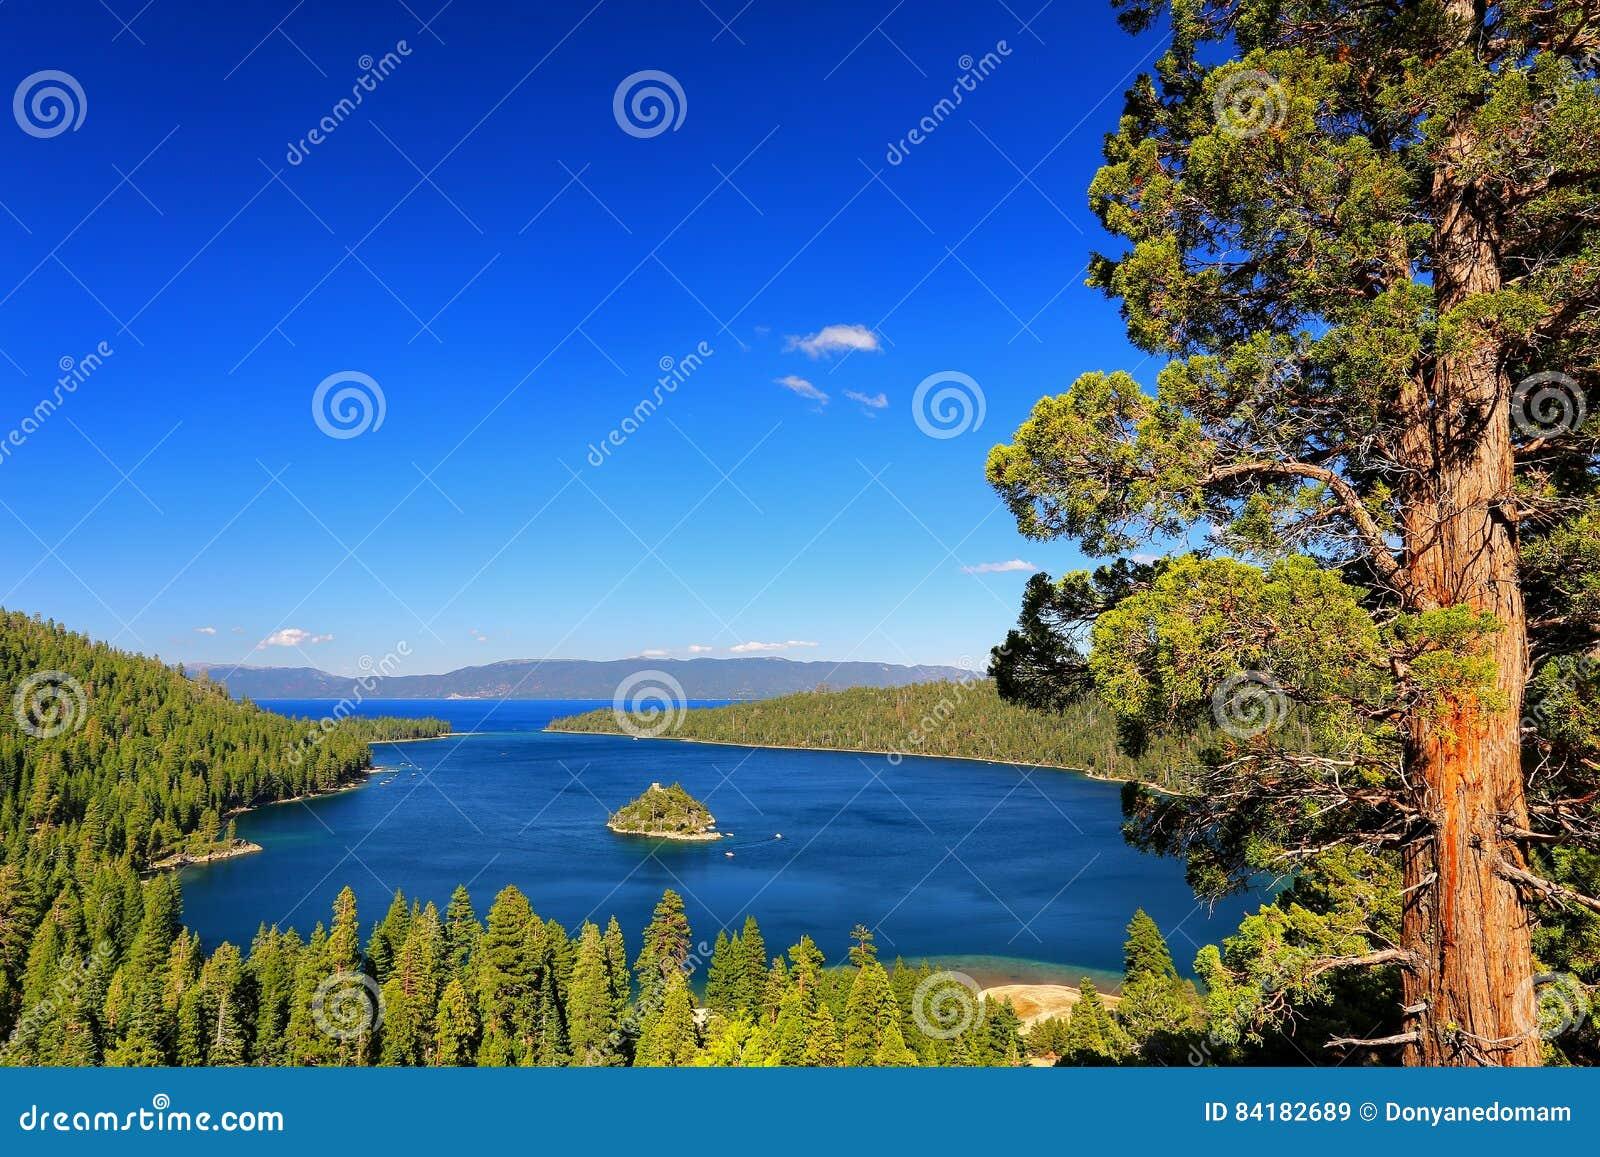 Emerald Bay chez le lac Tahoe avec Fannette Island, la Californie, Etats-Unis